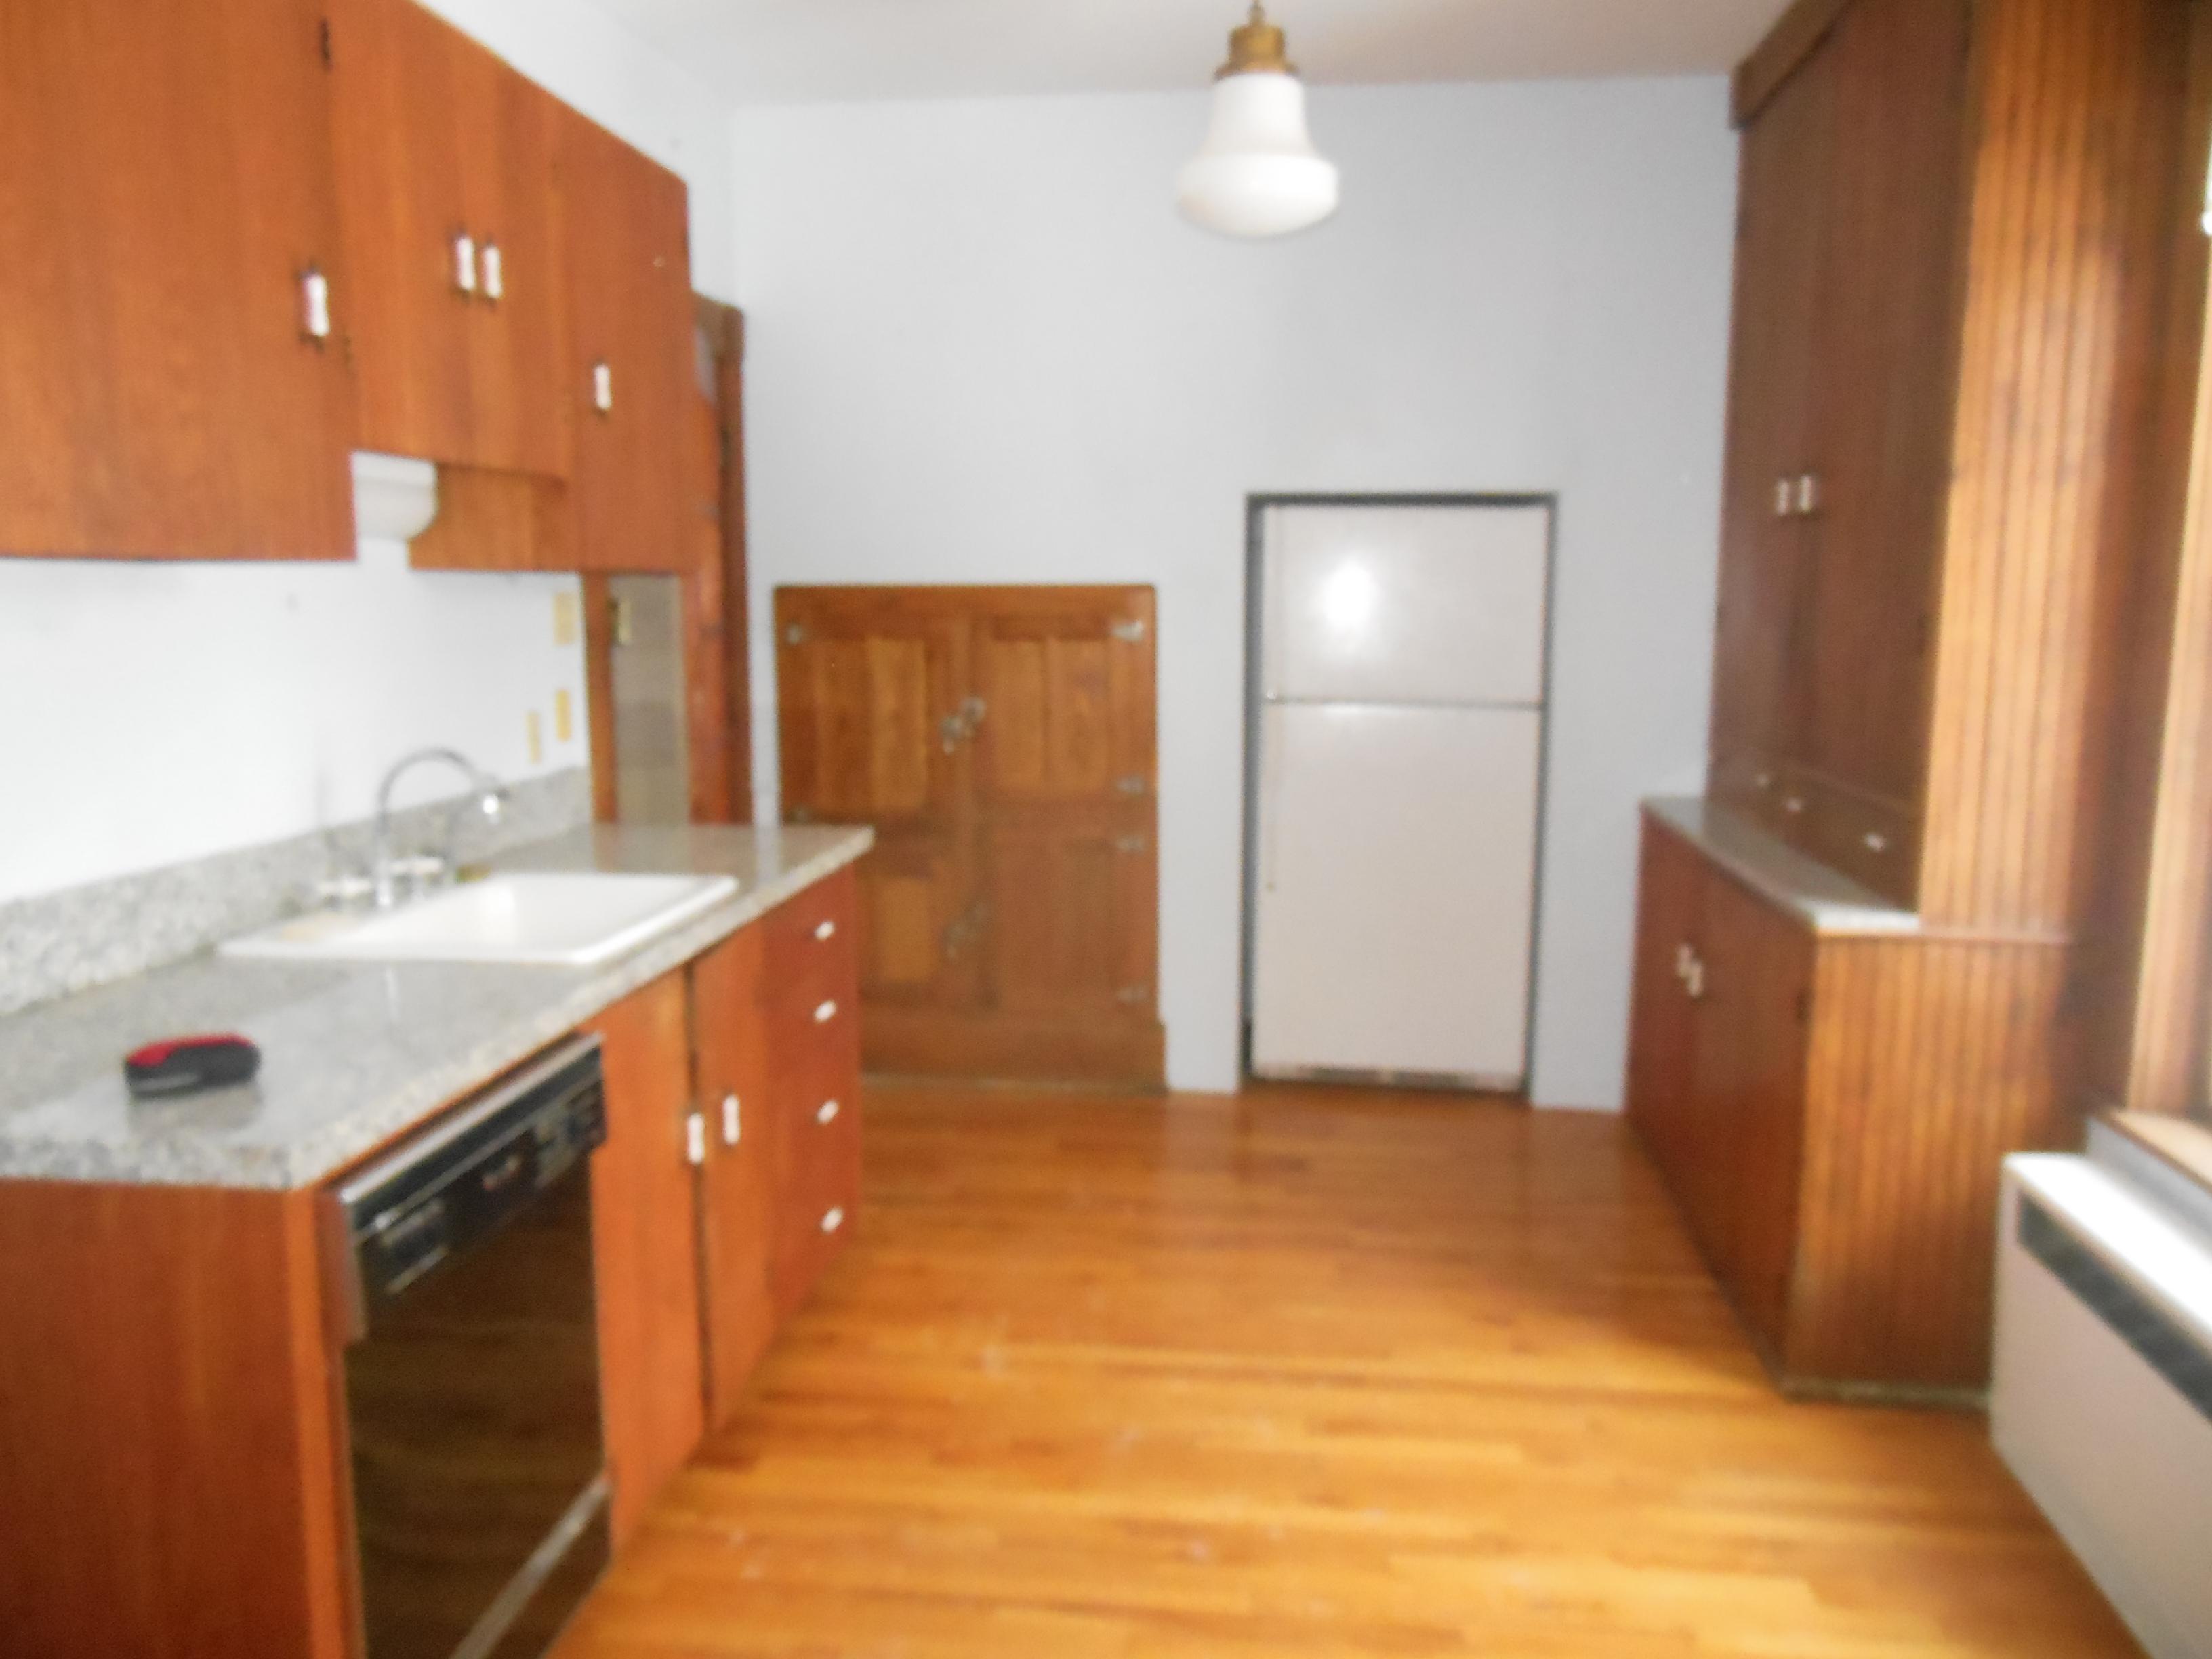 509 Normal, Kitchen (2)